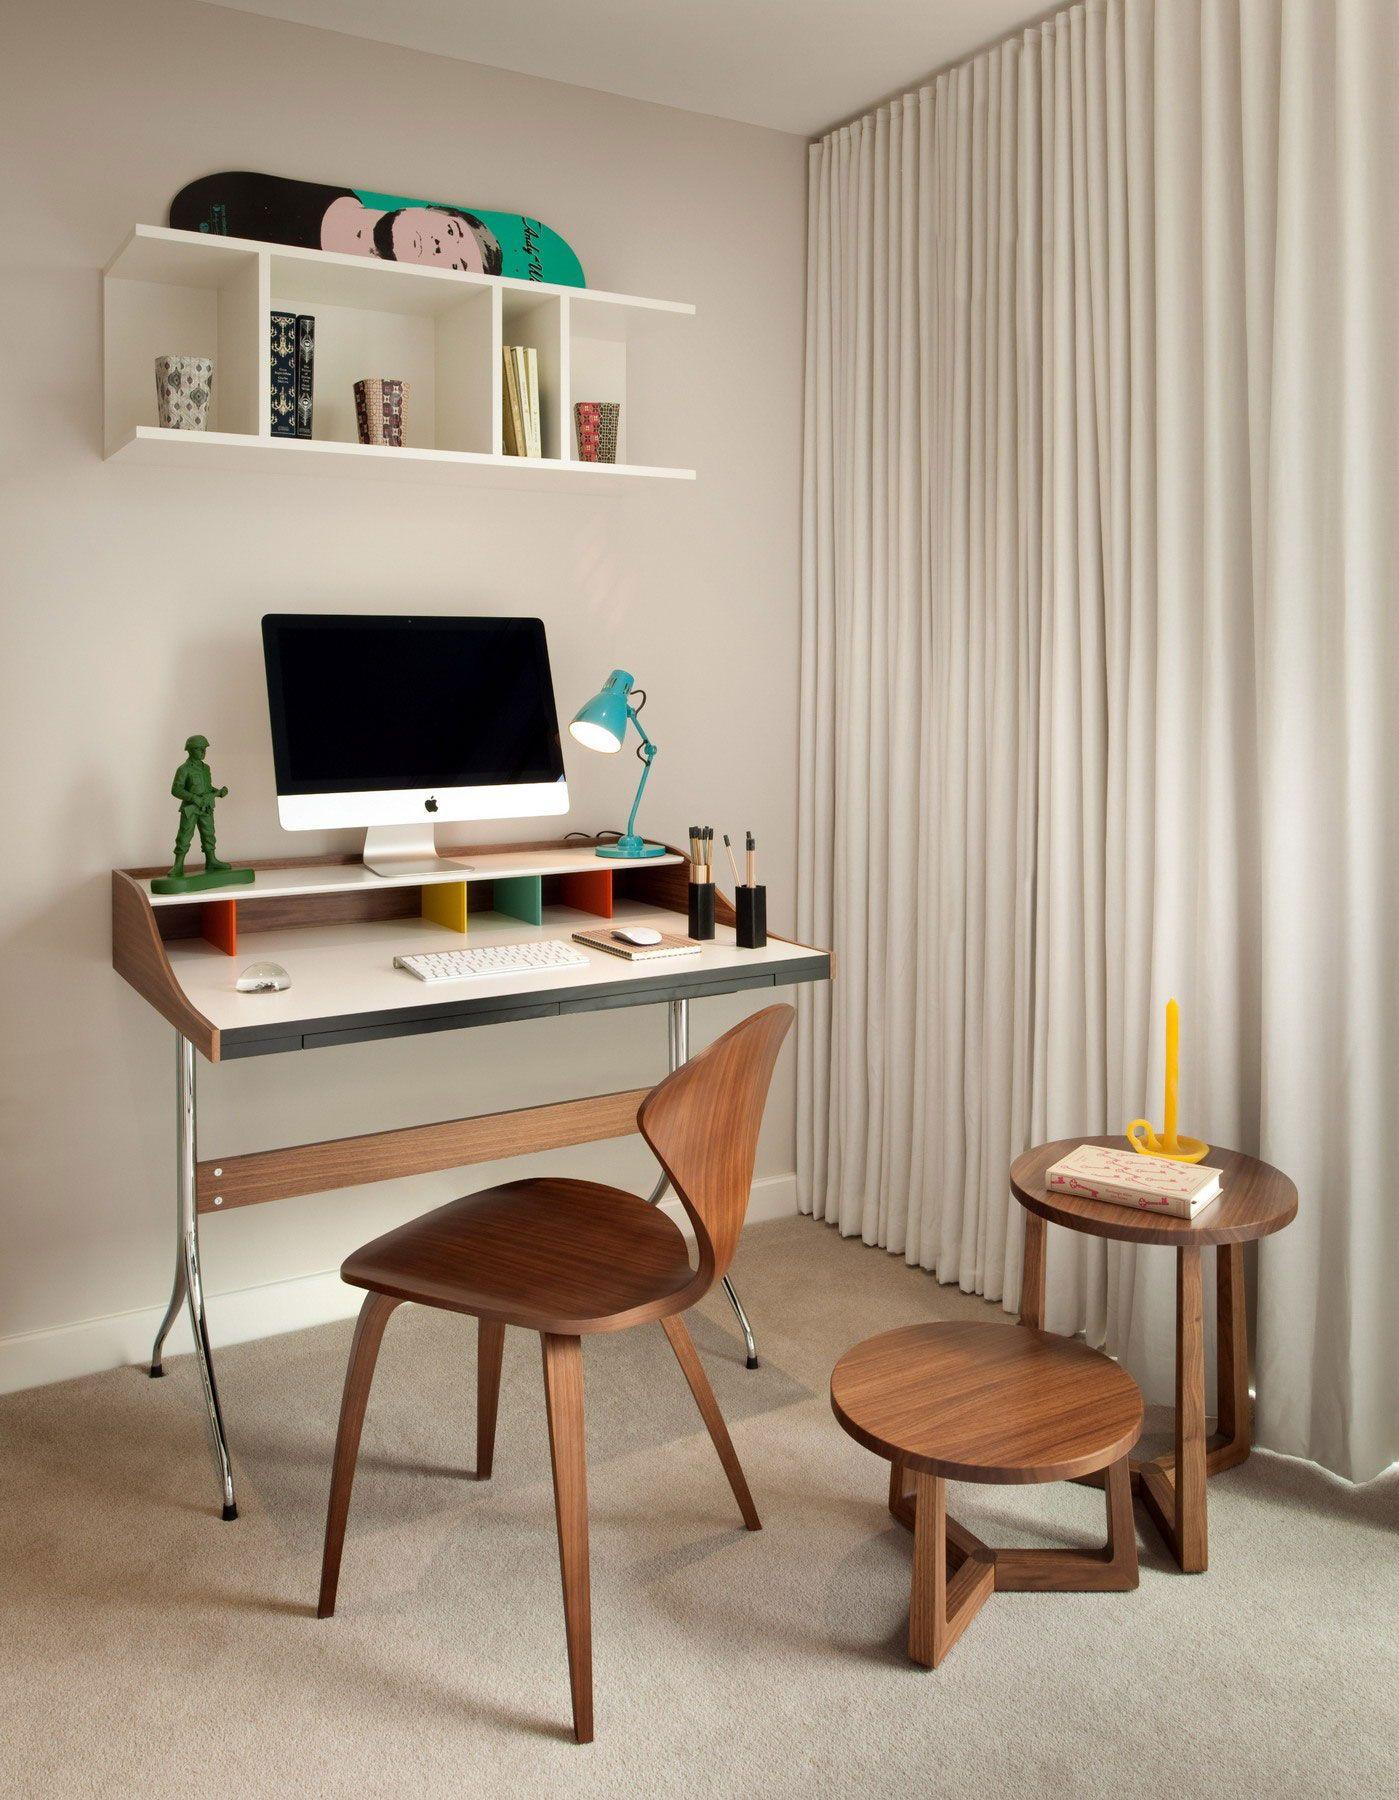 Home u0026 Apartement Contemporary Modern Small Home